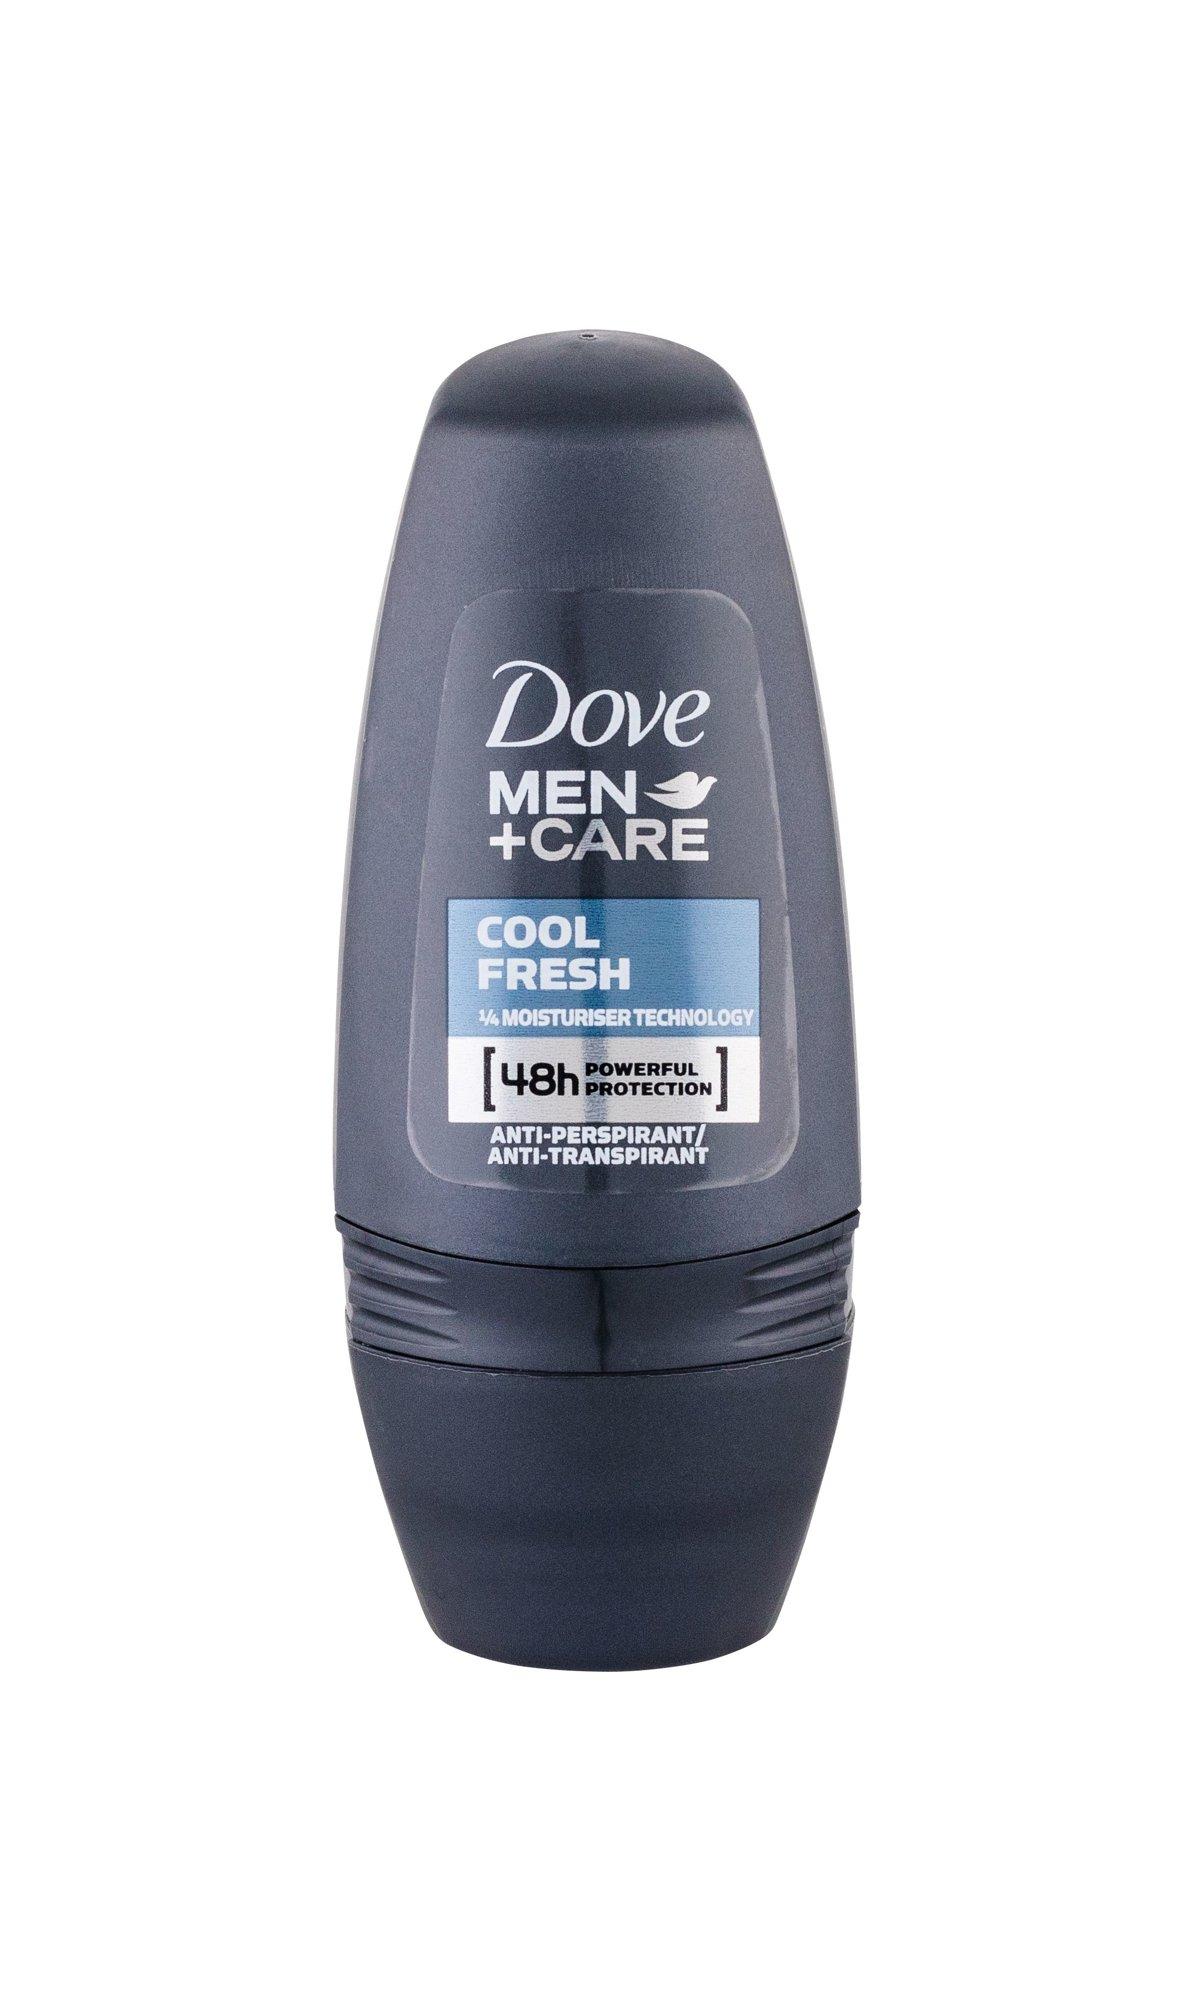 Dove Men + Care Antiperspirant 50ml  Cool Fresh